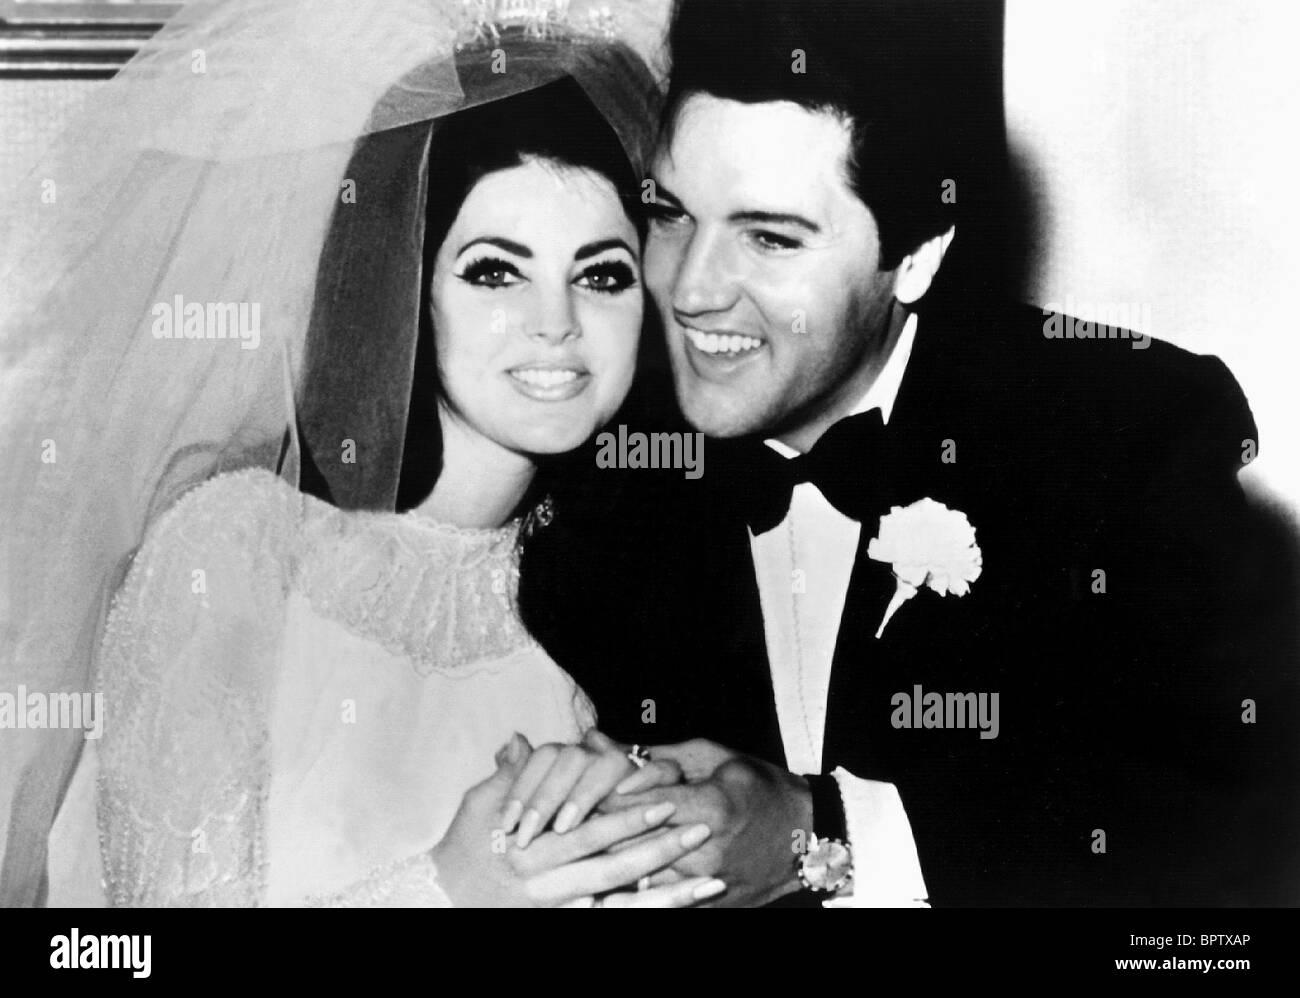 PRICILLA PRESLEY & Elvis Presley esposa e marido (1967) Imagens de Stock